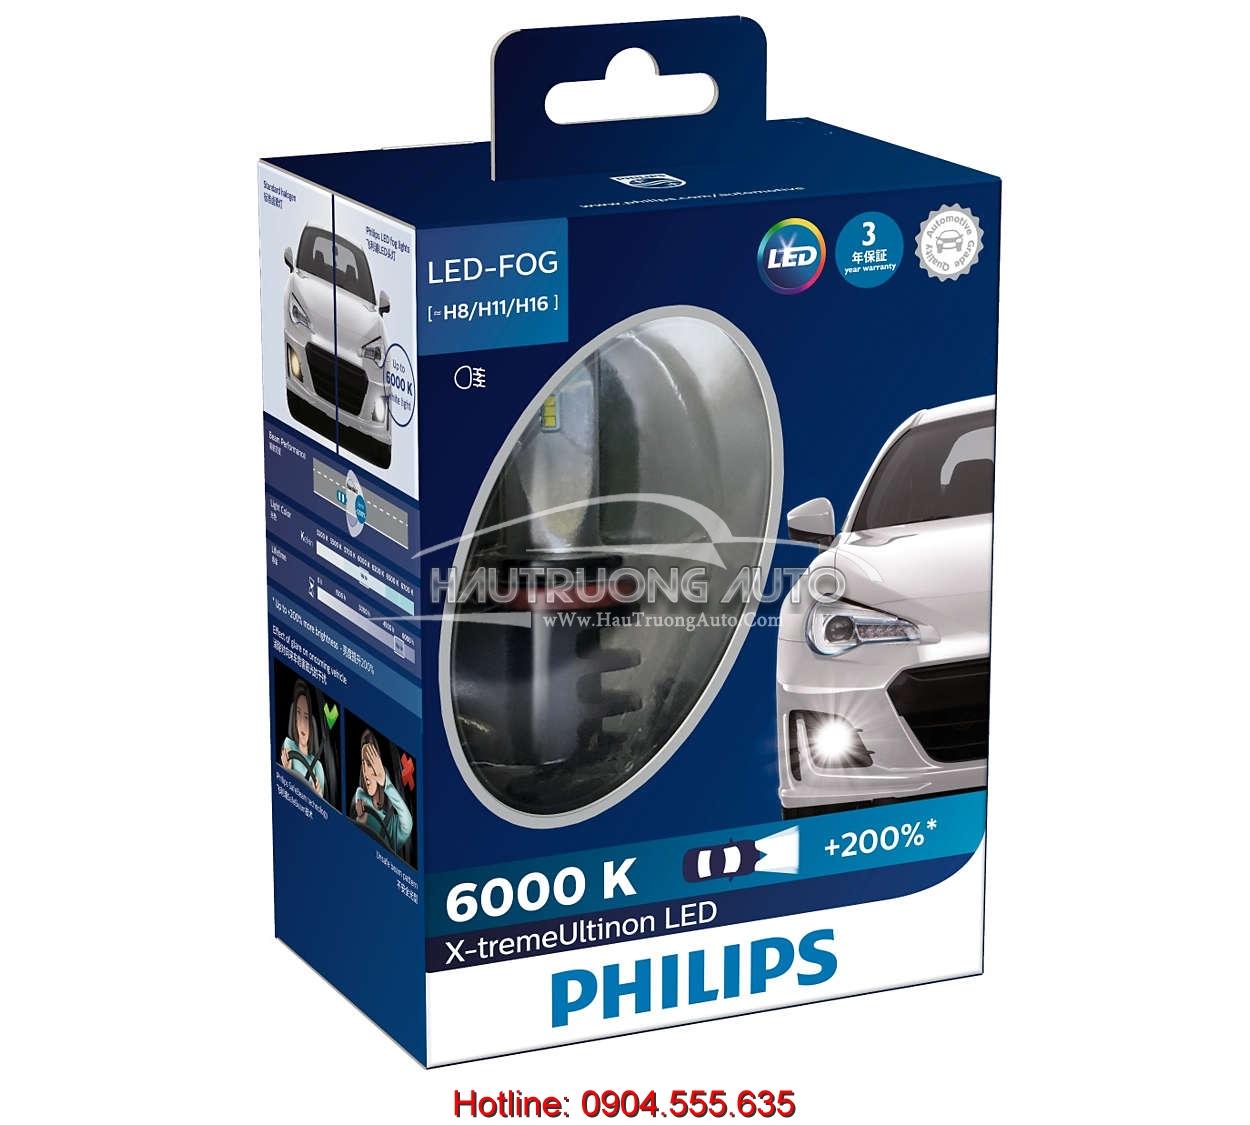 Bóng đèn LED Philips X-treme Ultinon H8/H11/H16